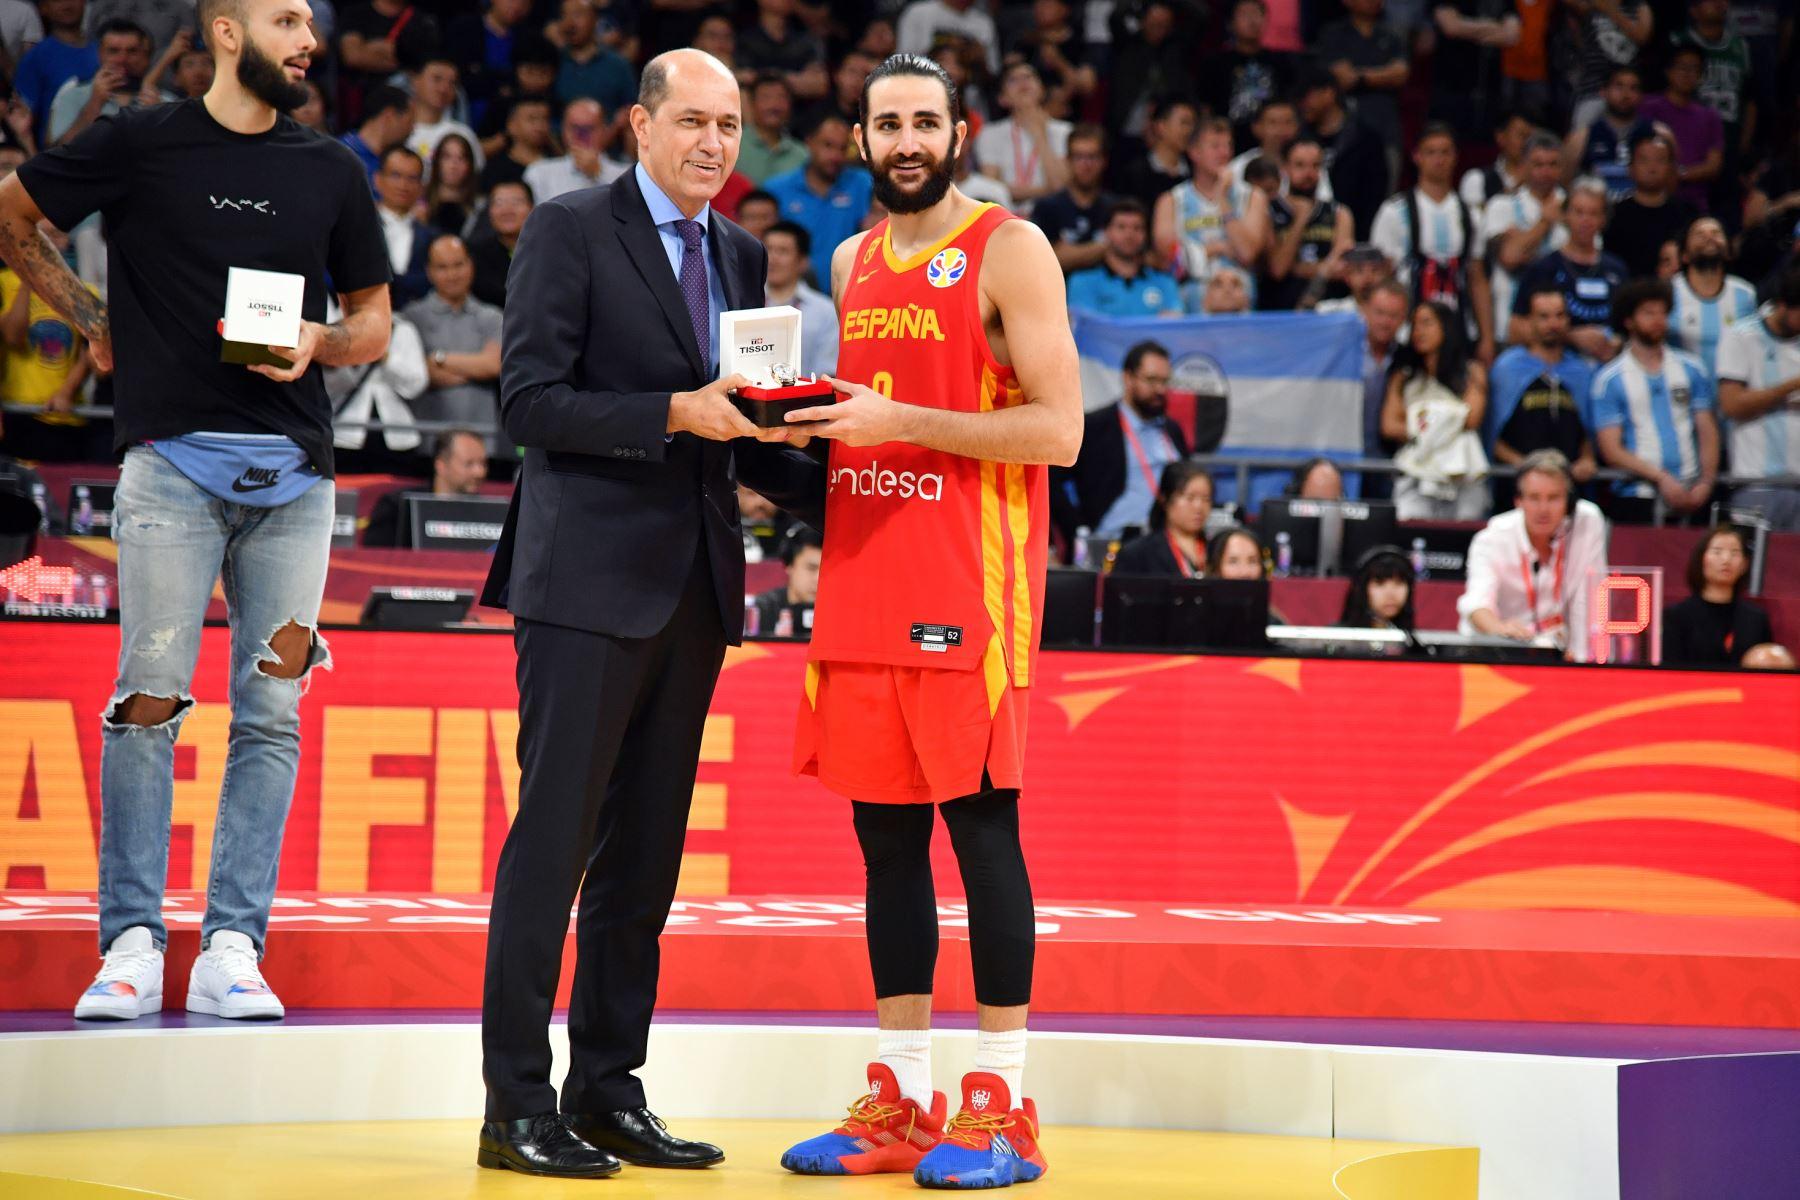 Ricky Rubio recibe un reloj Tissot durante las Finales de la Copa Mundial FIBA 2019 en el Cadillac Arena en Beijing, China. Foto: AFP